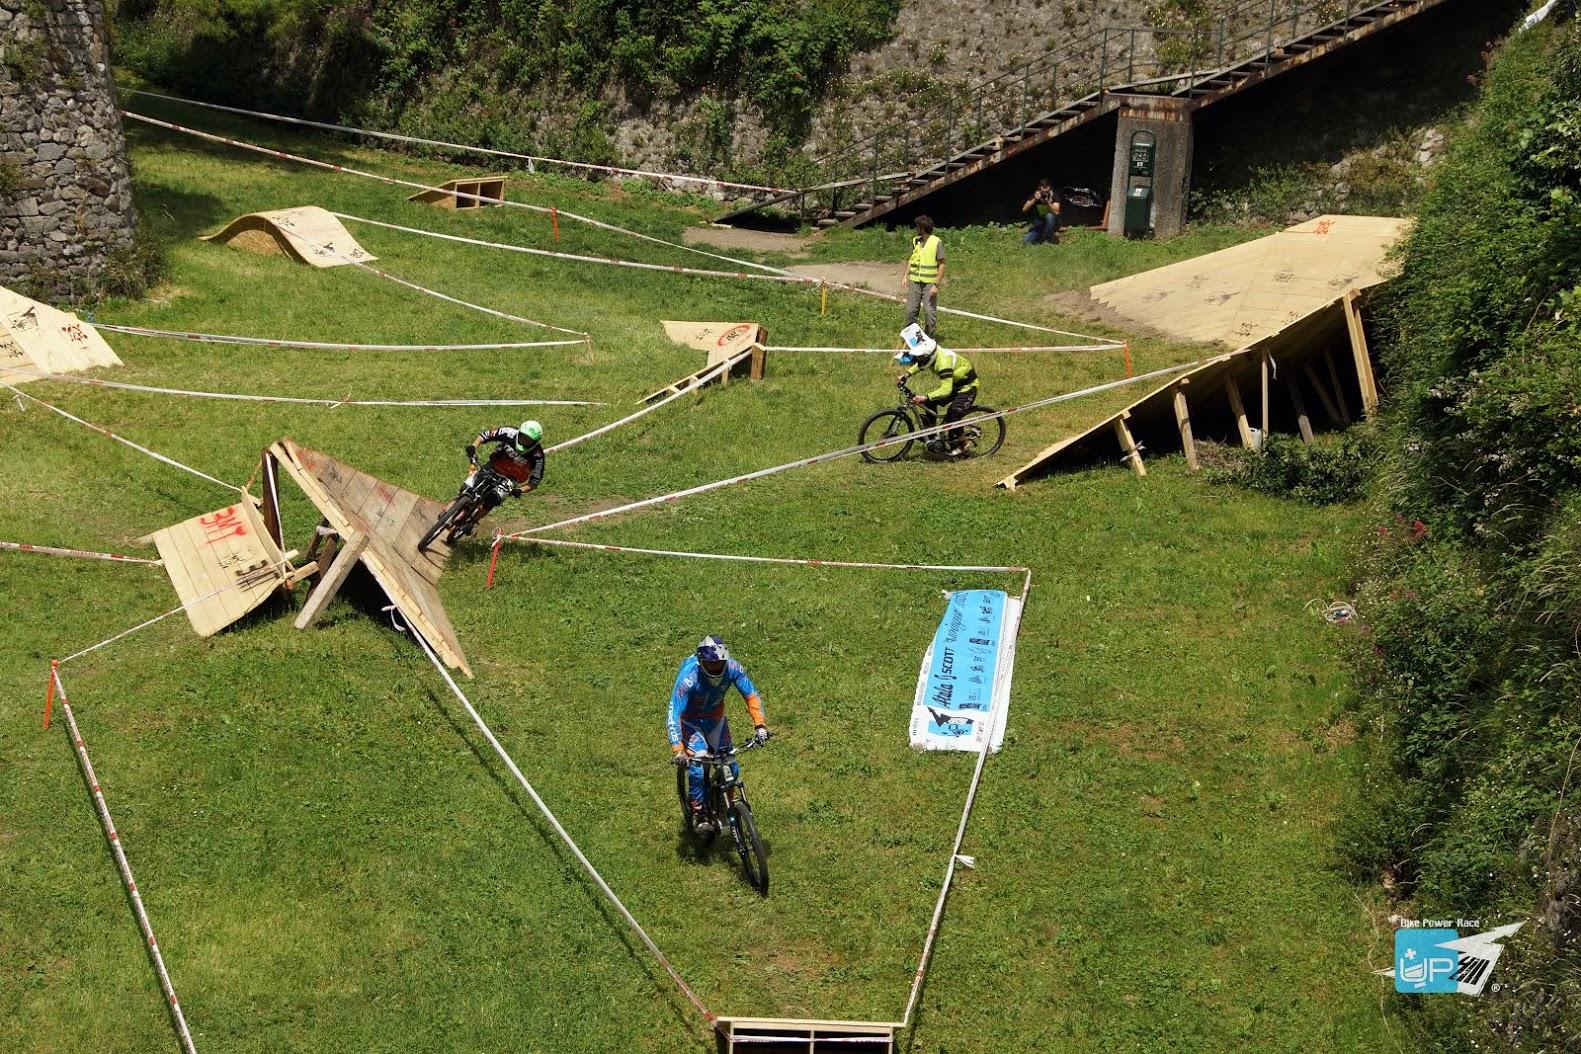 Un momento della gara di UpHill la competizione con mountain bike elettriche